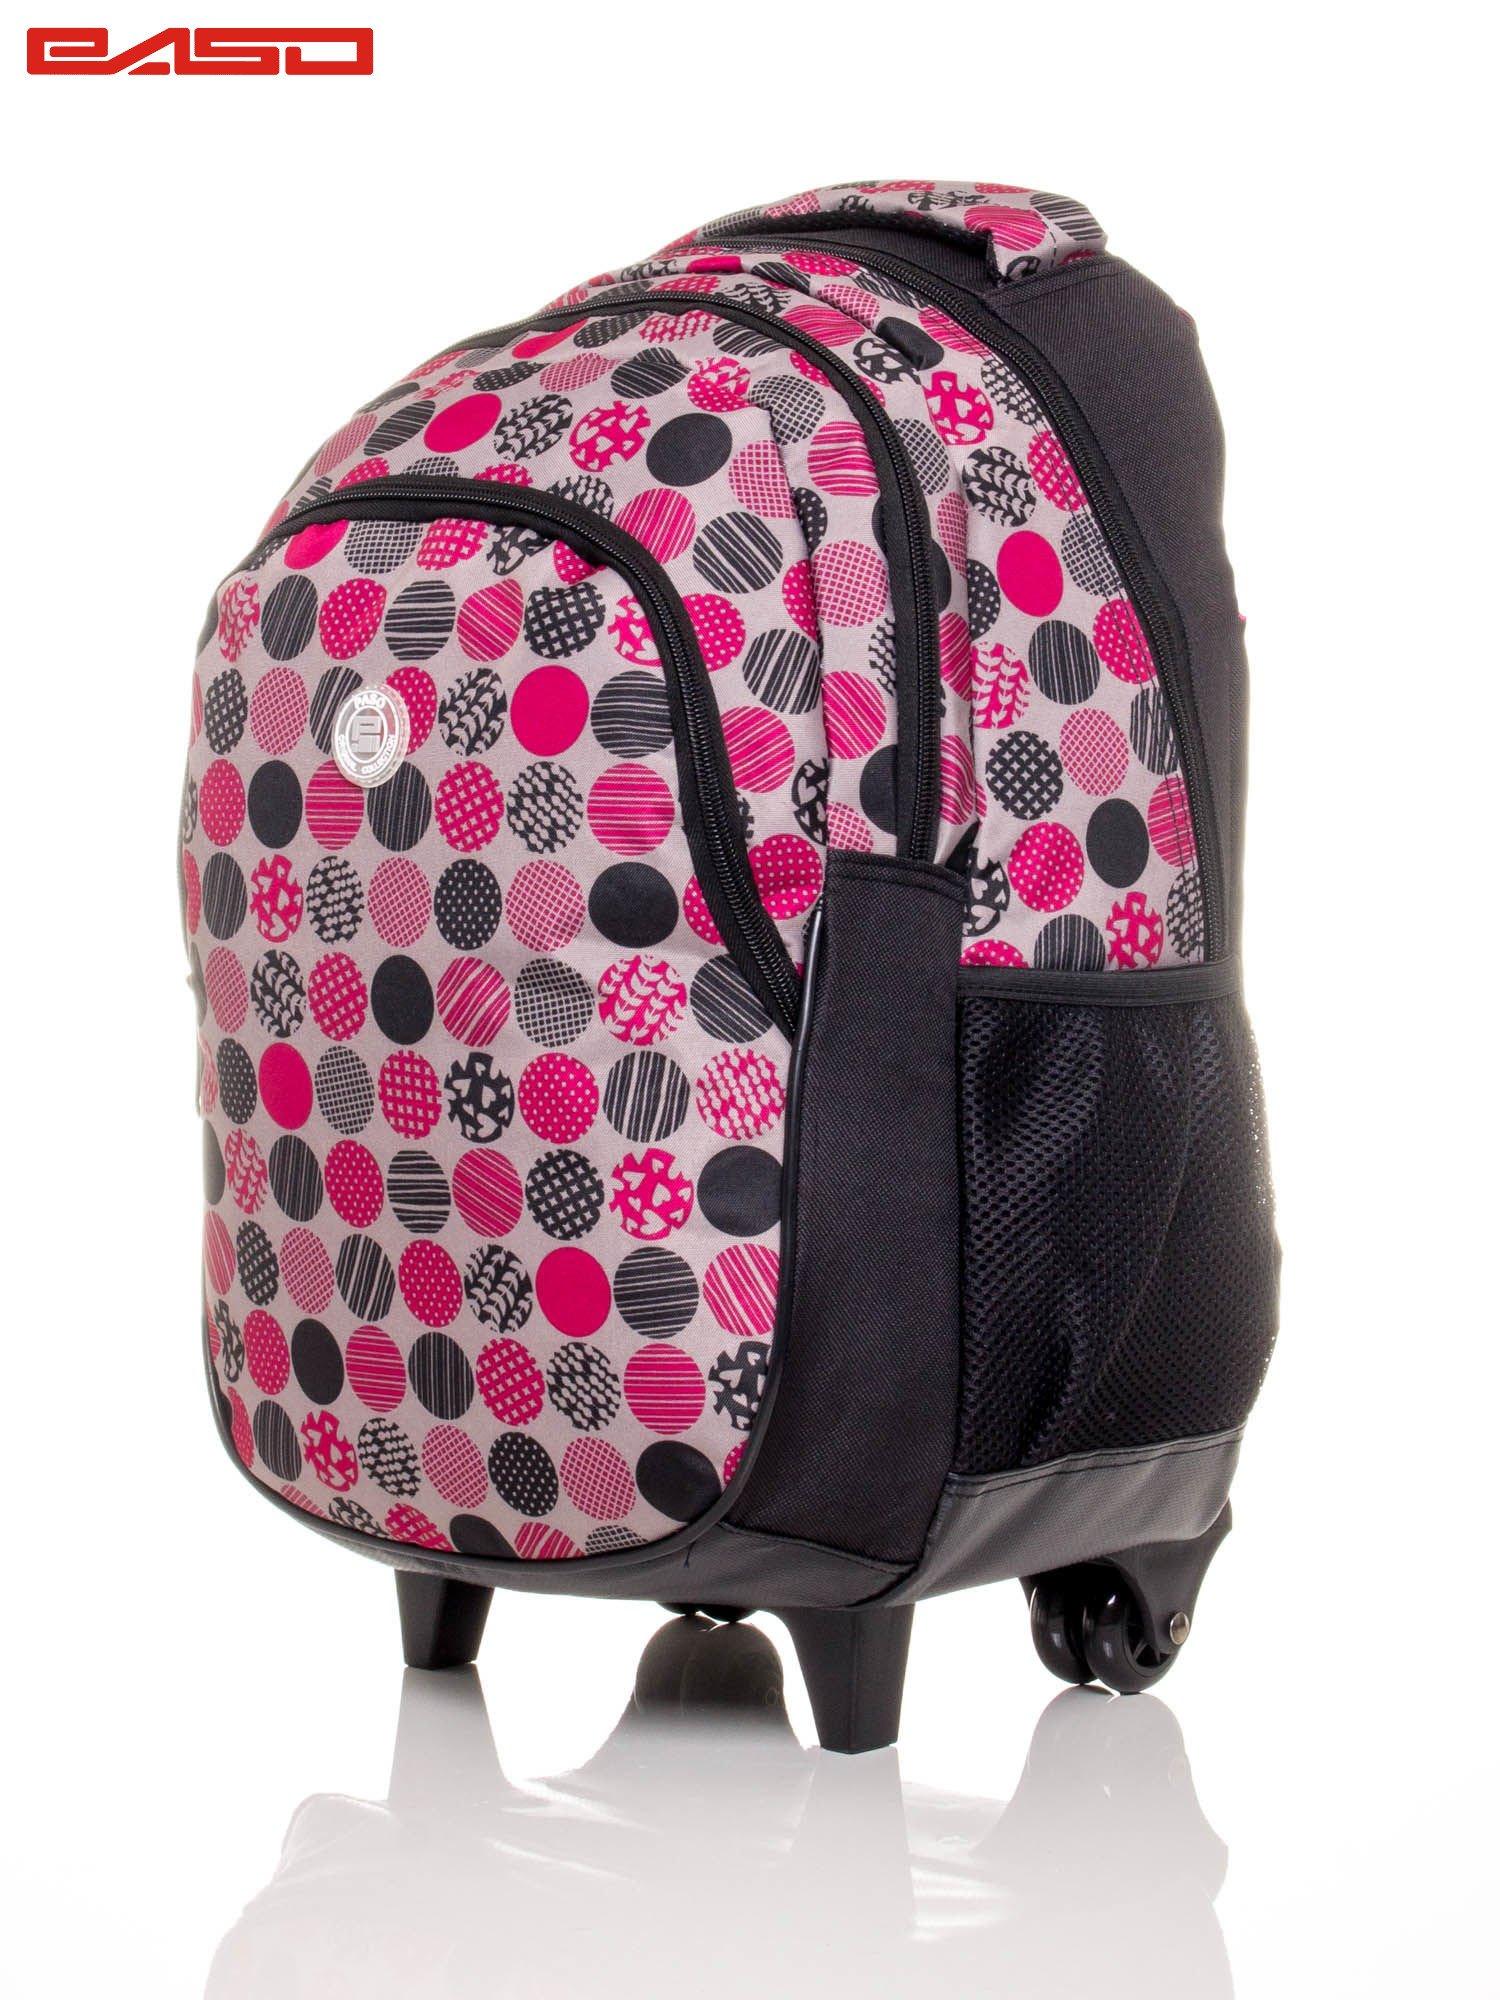 1d1d796baca00 GRATIS!!! Plecak szkolny na kółkach z kolorowym nadrukiem - Dziecko ...